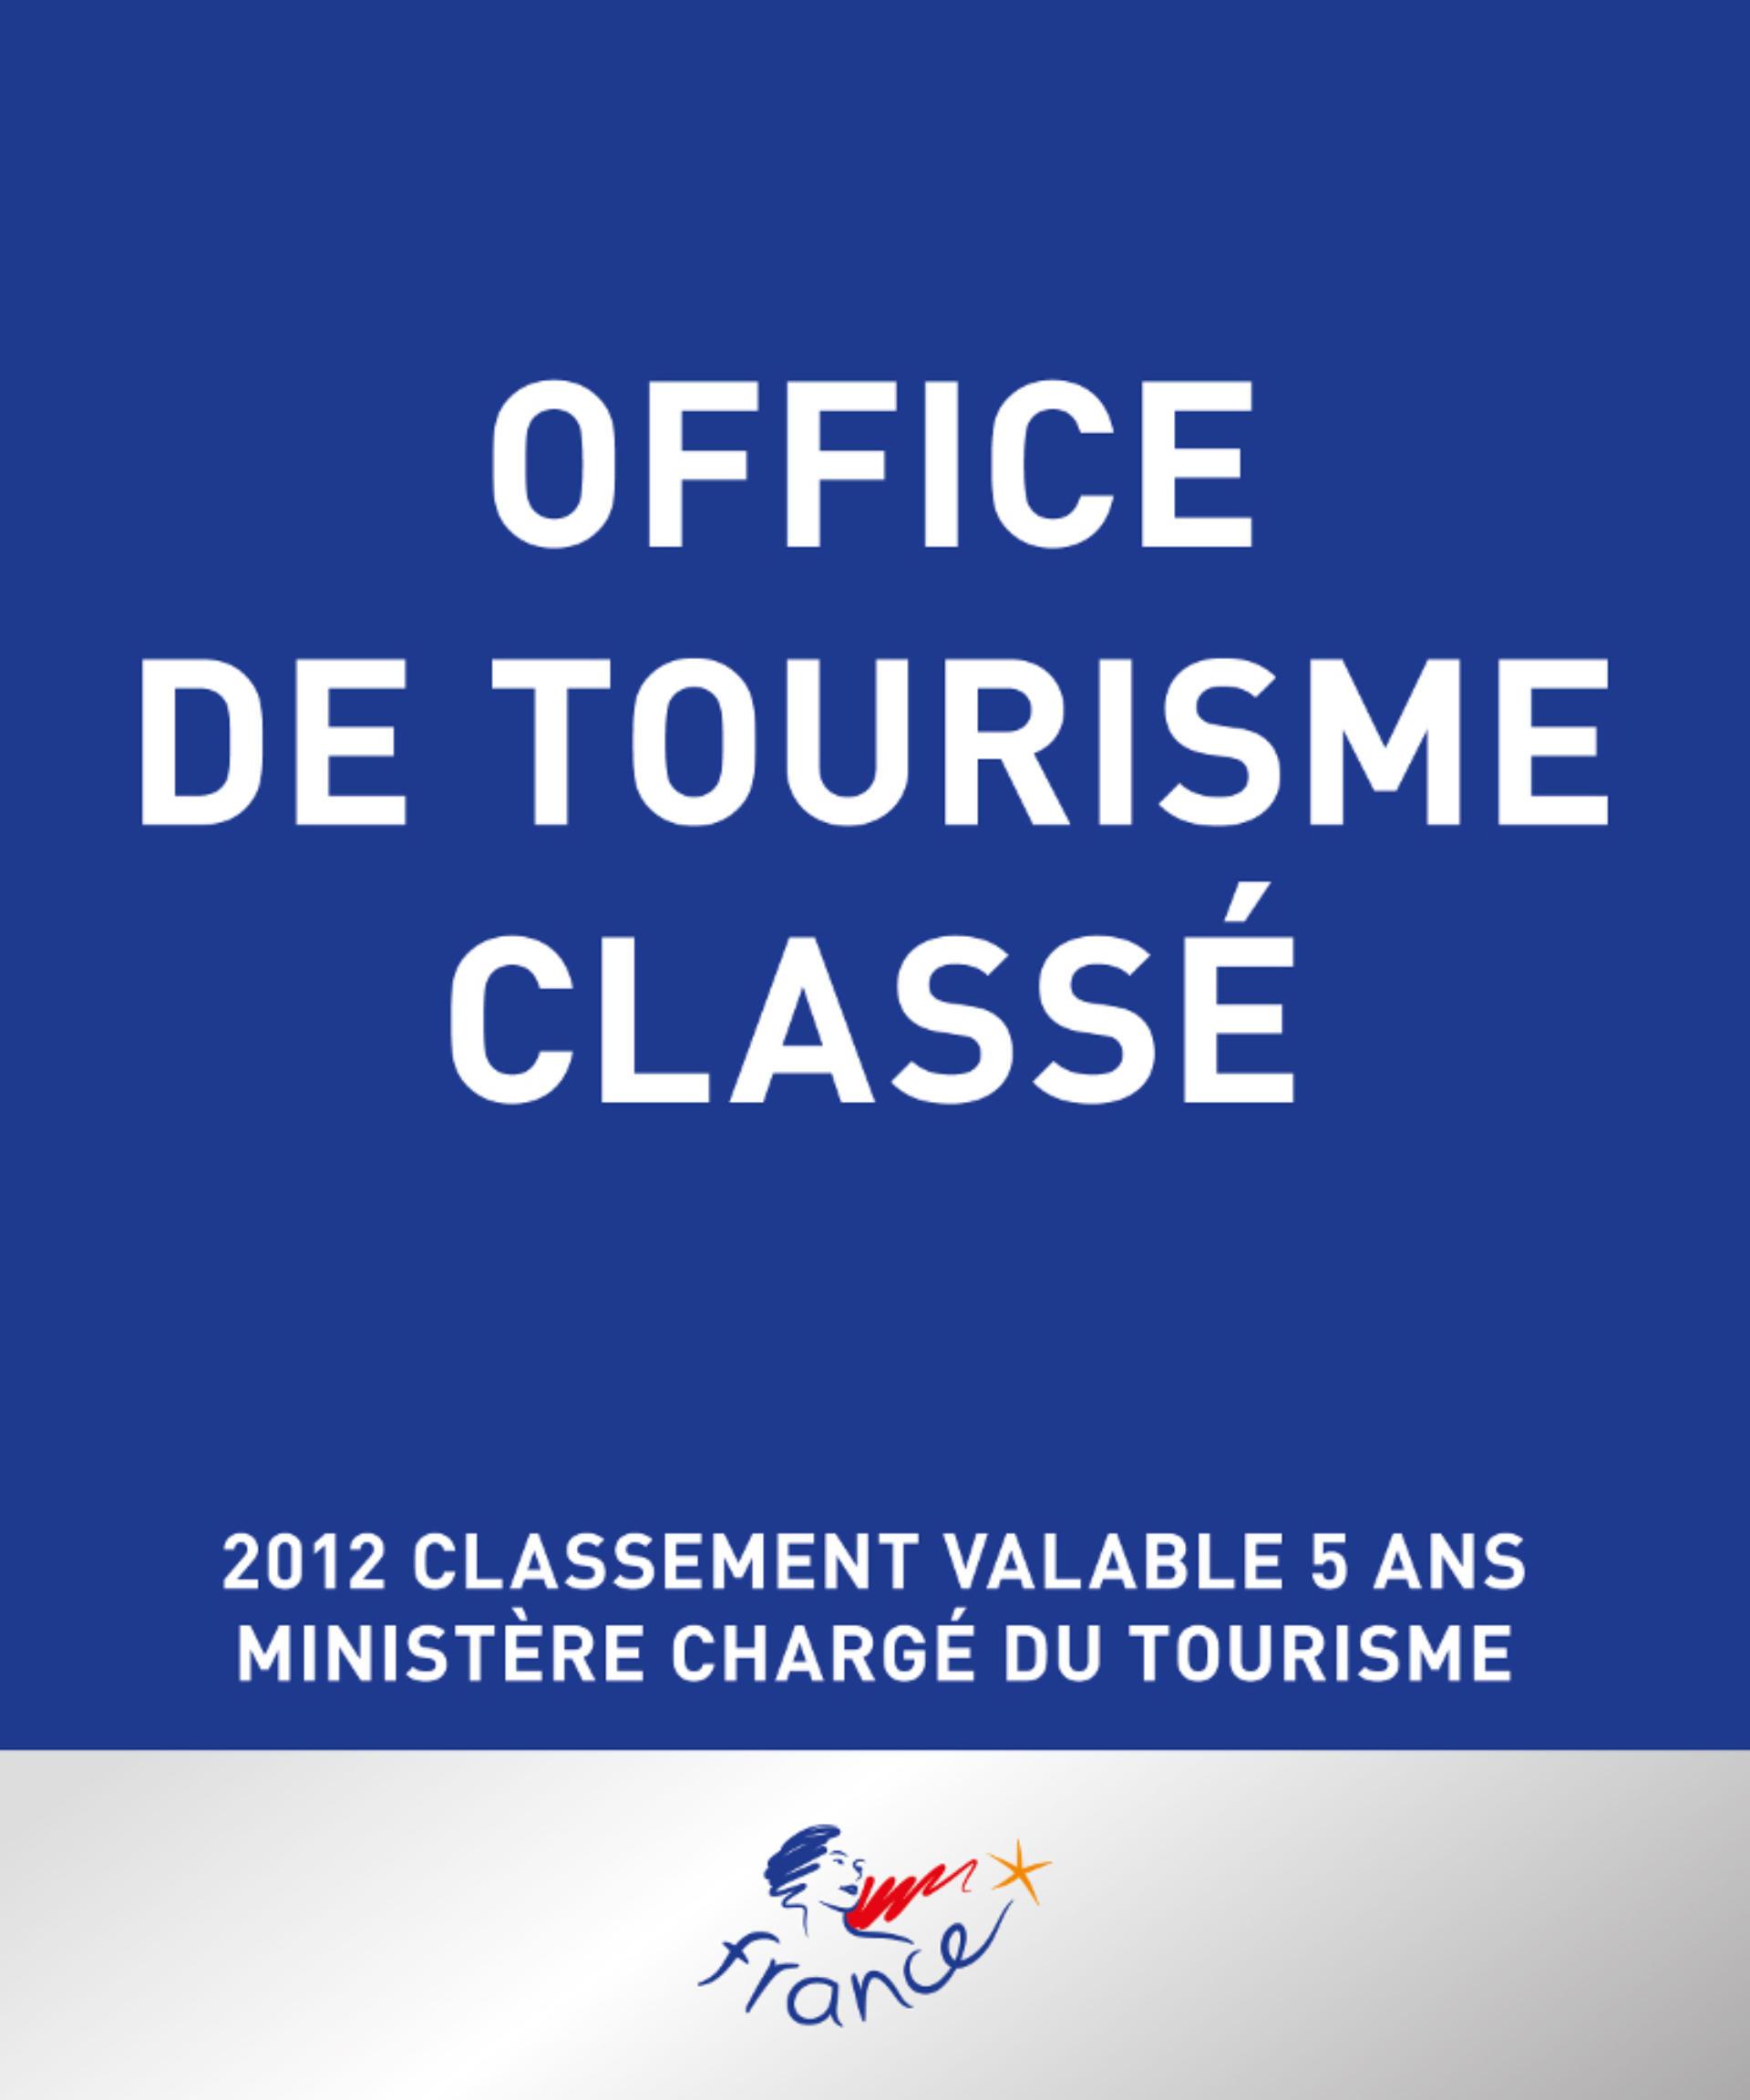 Office De Tourisme Classe Logo 800x960